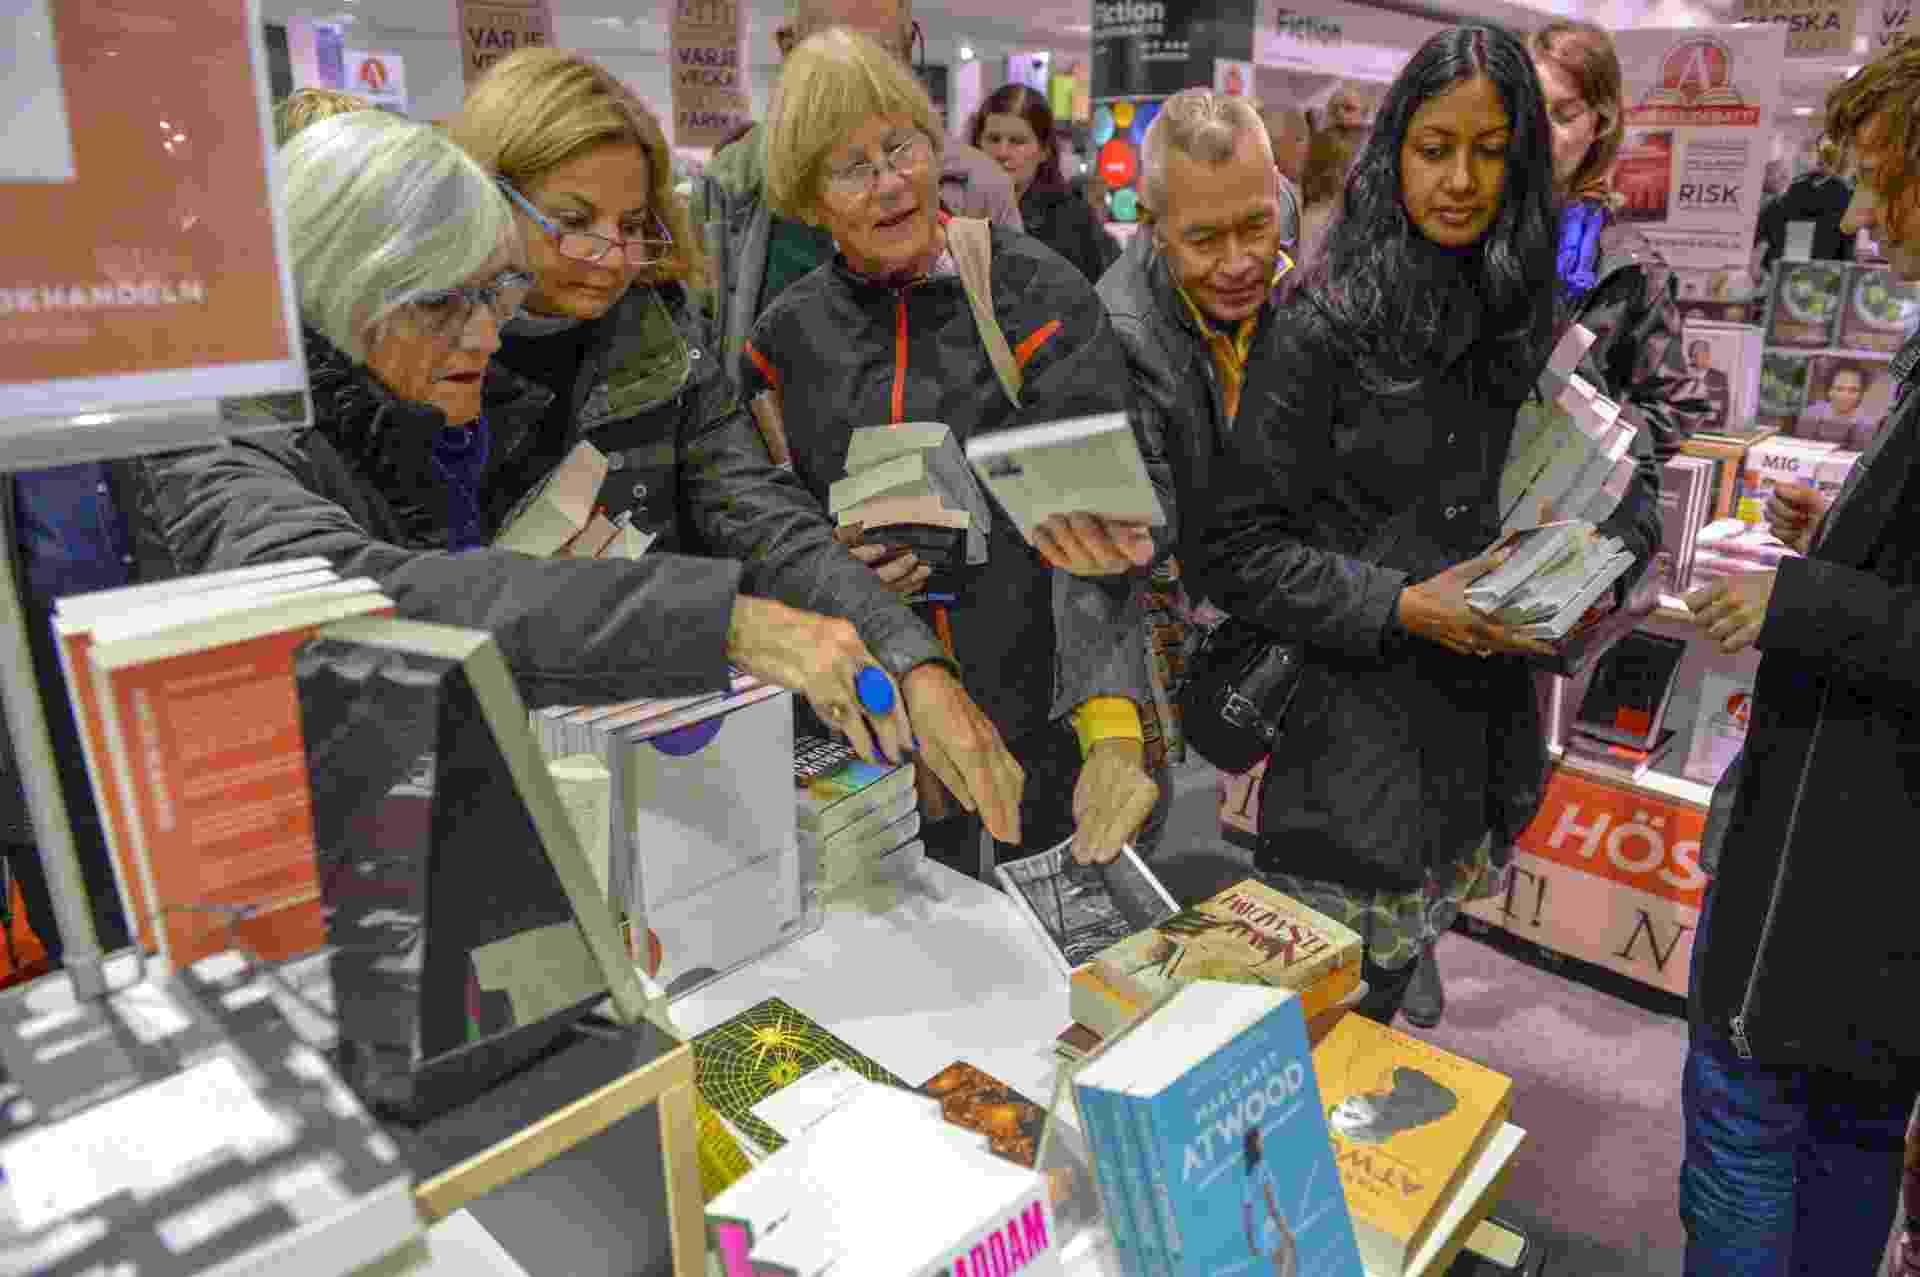 """9.out.2014 - O mais novo livro do escritor francês Patrick Modiano, """"L'herbe des nuits"""", é diputado em uma livraria Estocolmo - HENRIK MONTGOMERY/AFP"""